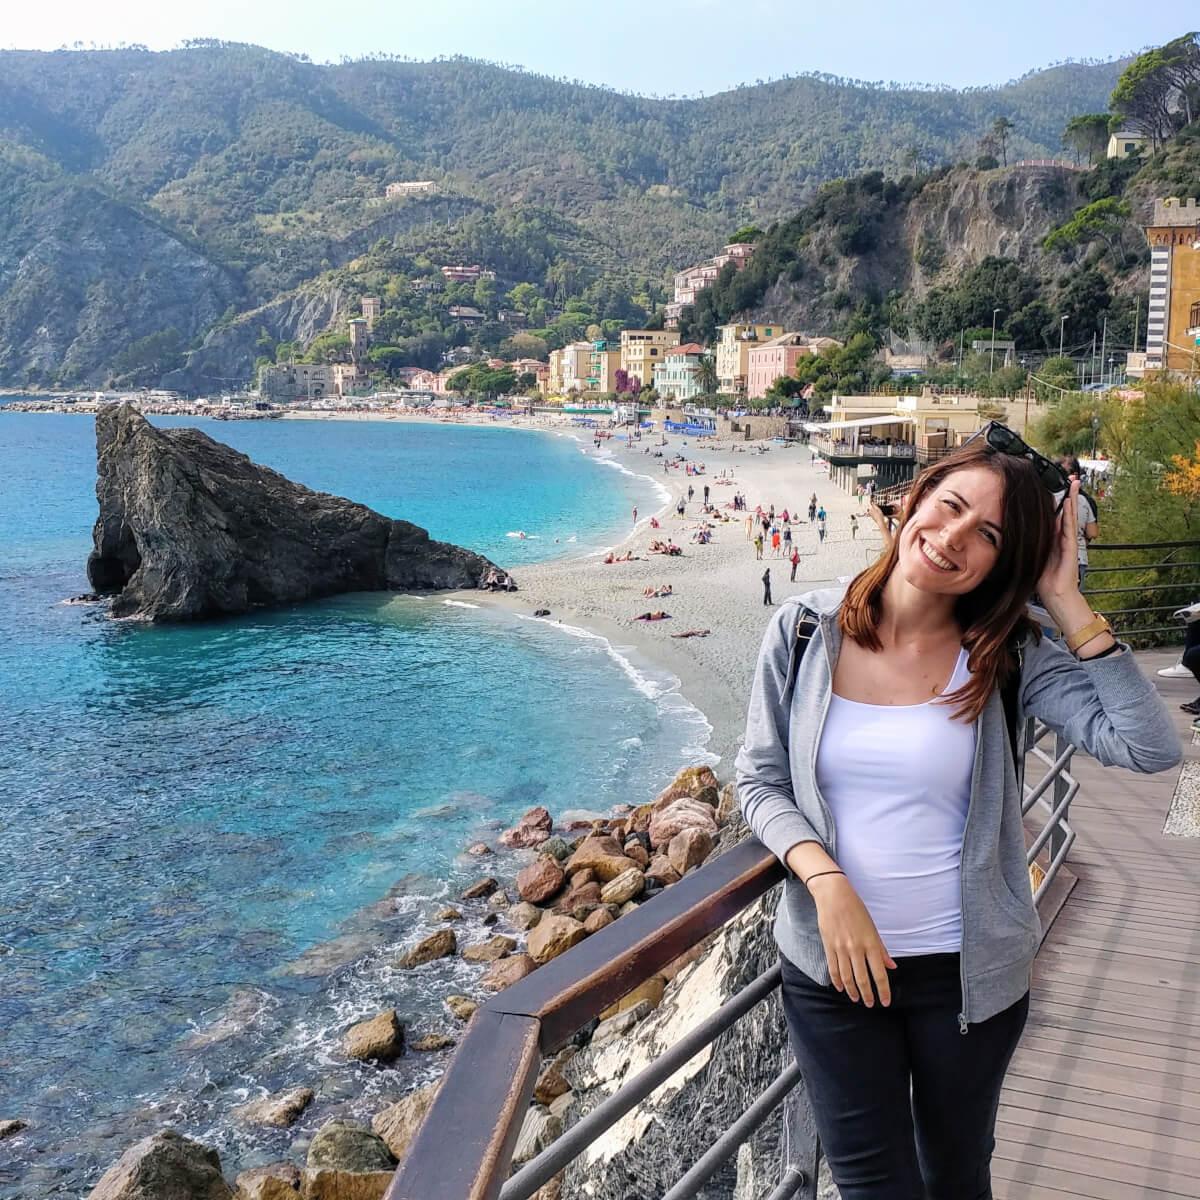 μοντερόσσο χωριό στις τσίνκουε τερρε ιταλια